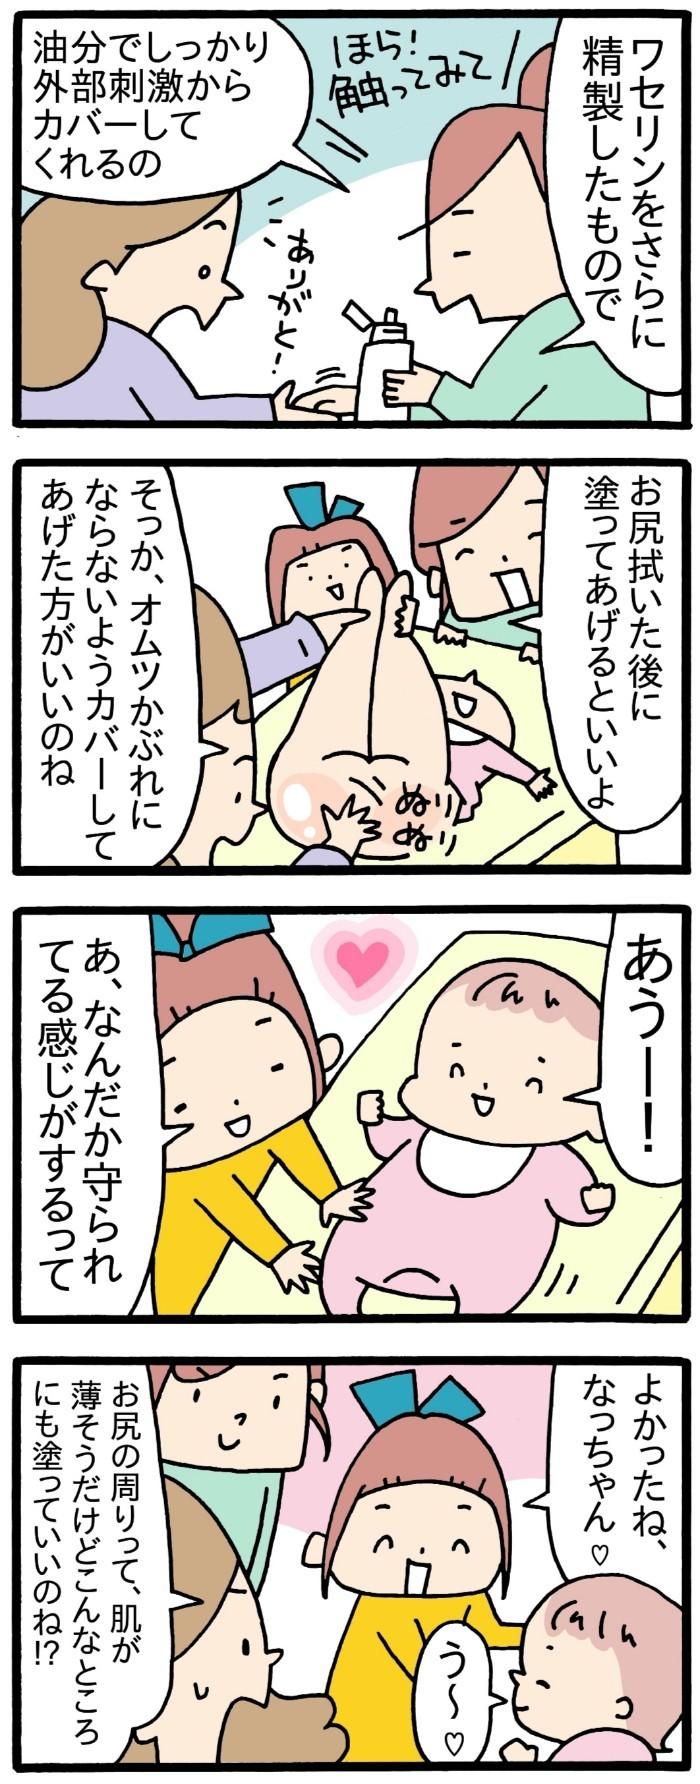 乾燥の季節がスタート!家族みんなの健やかな肌を守る「プロペト ピュアベール」の画像3